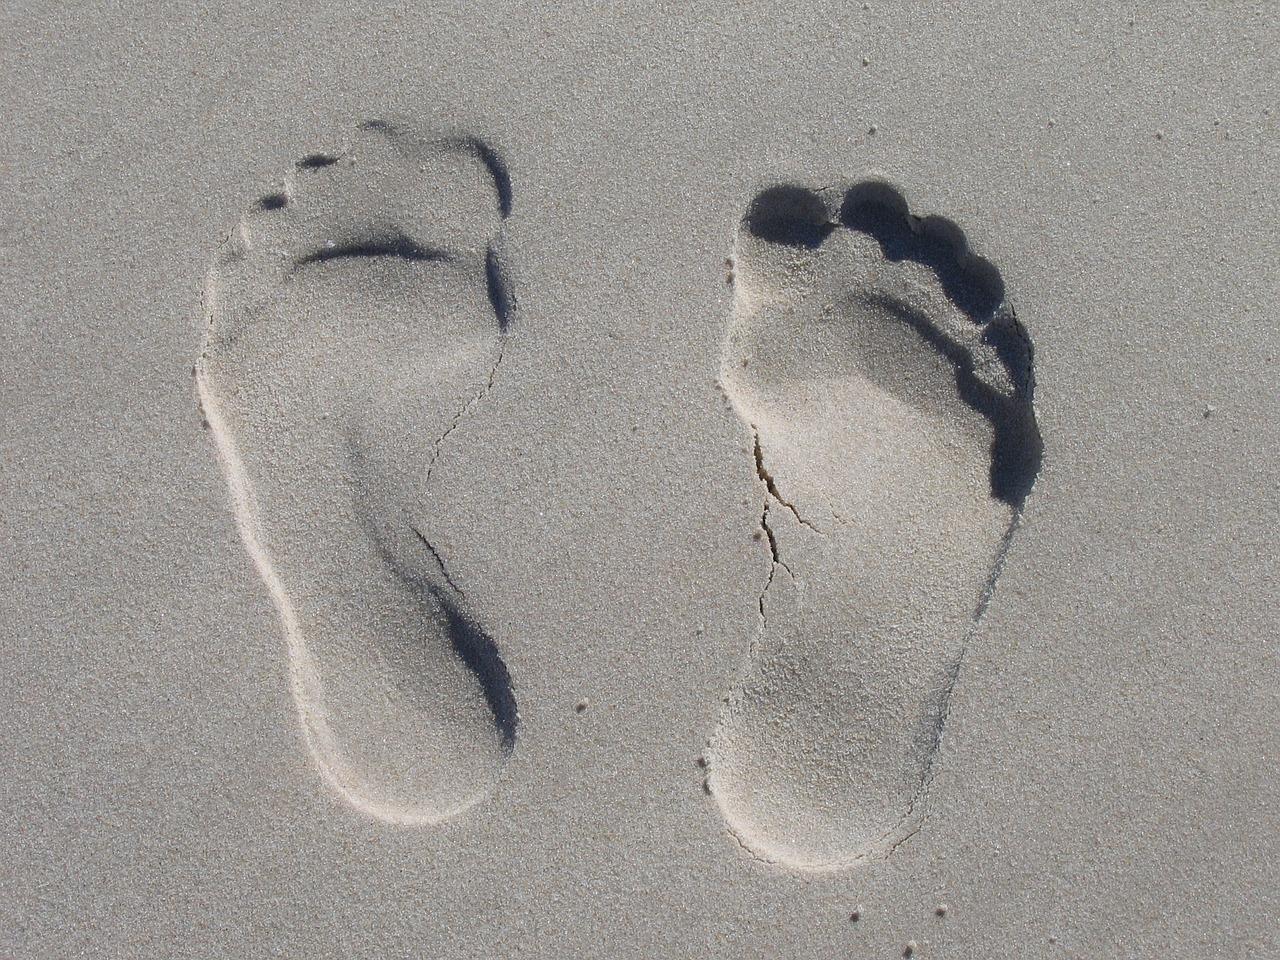 Beach hotspots